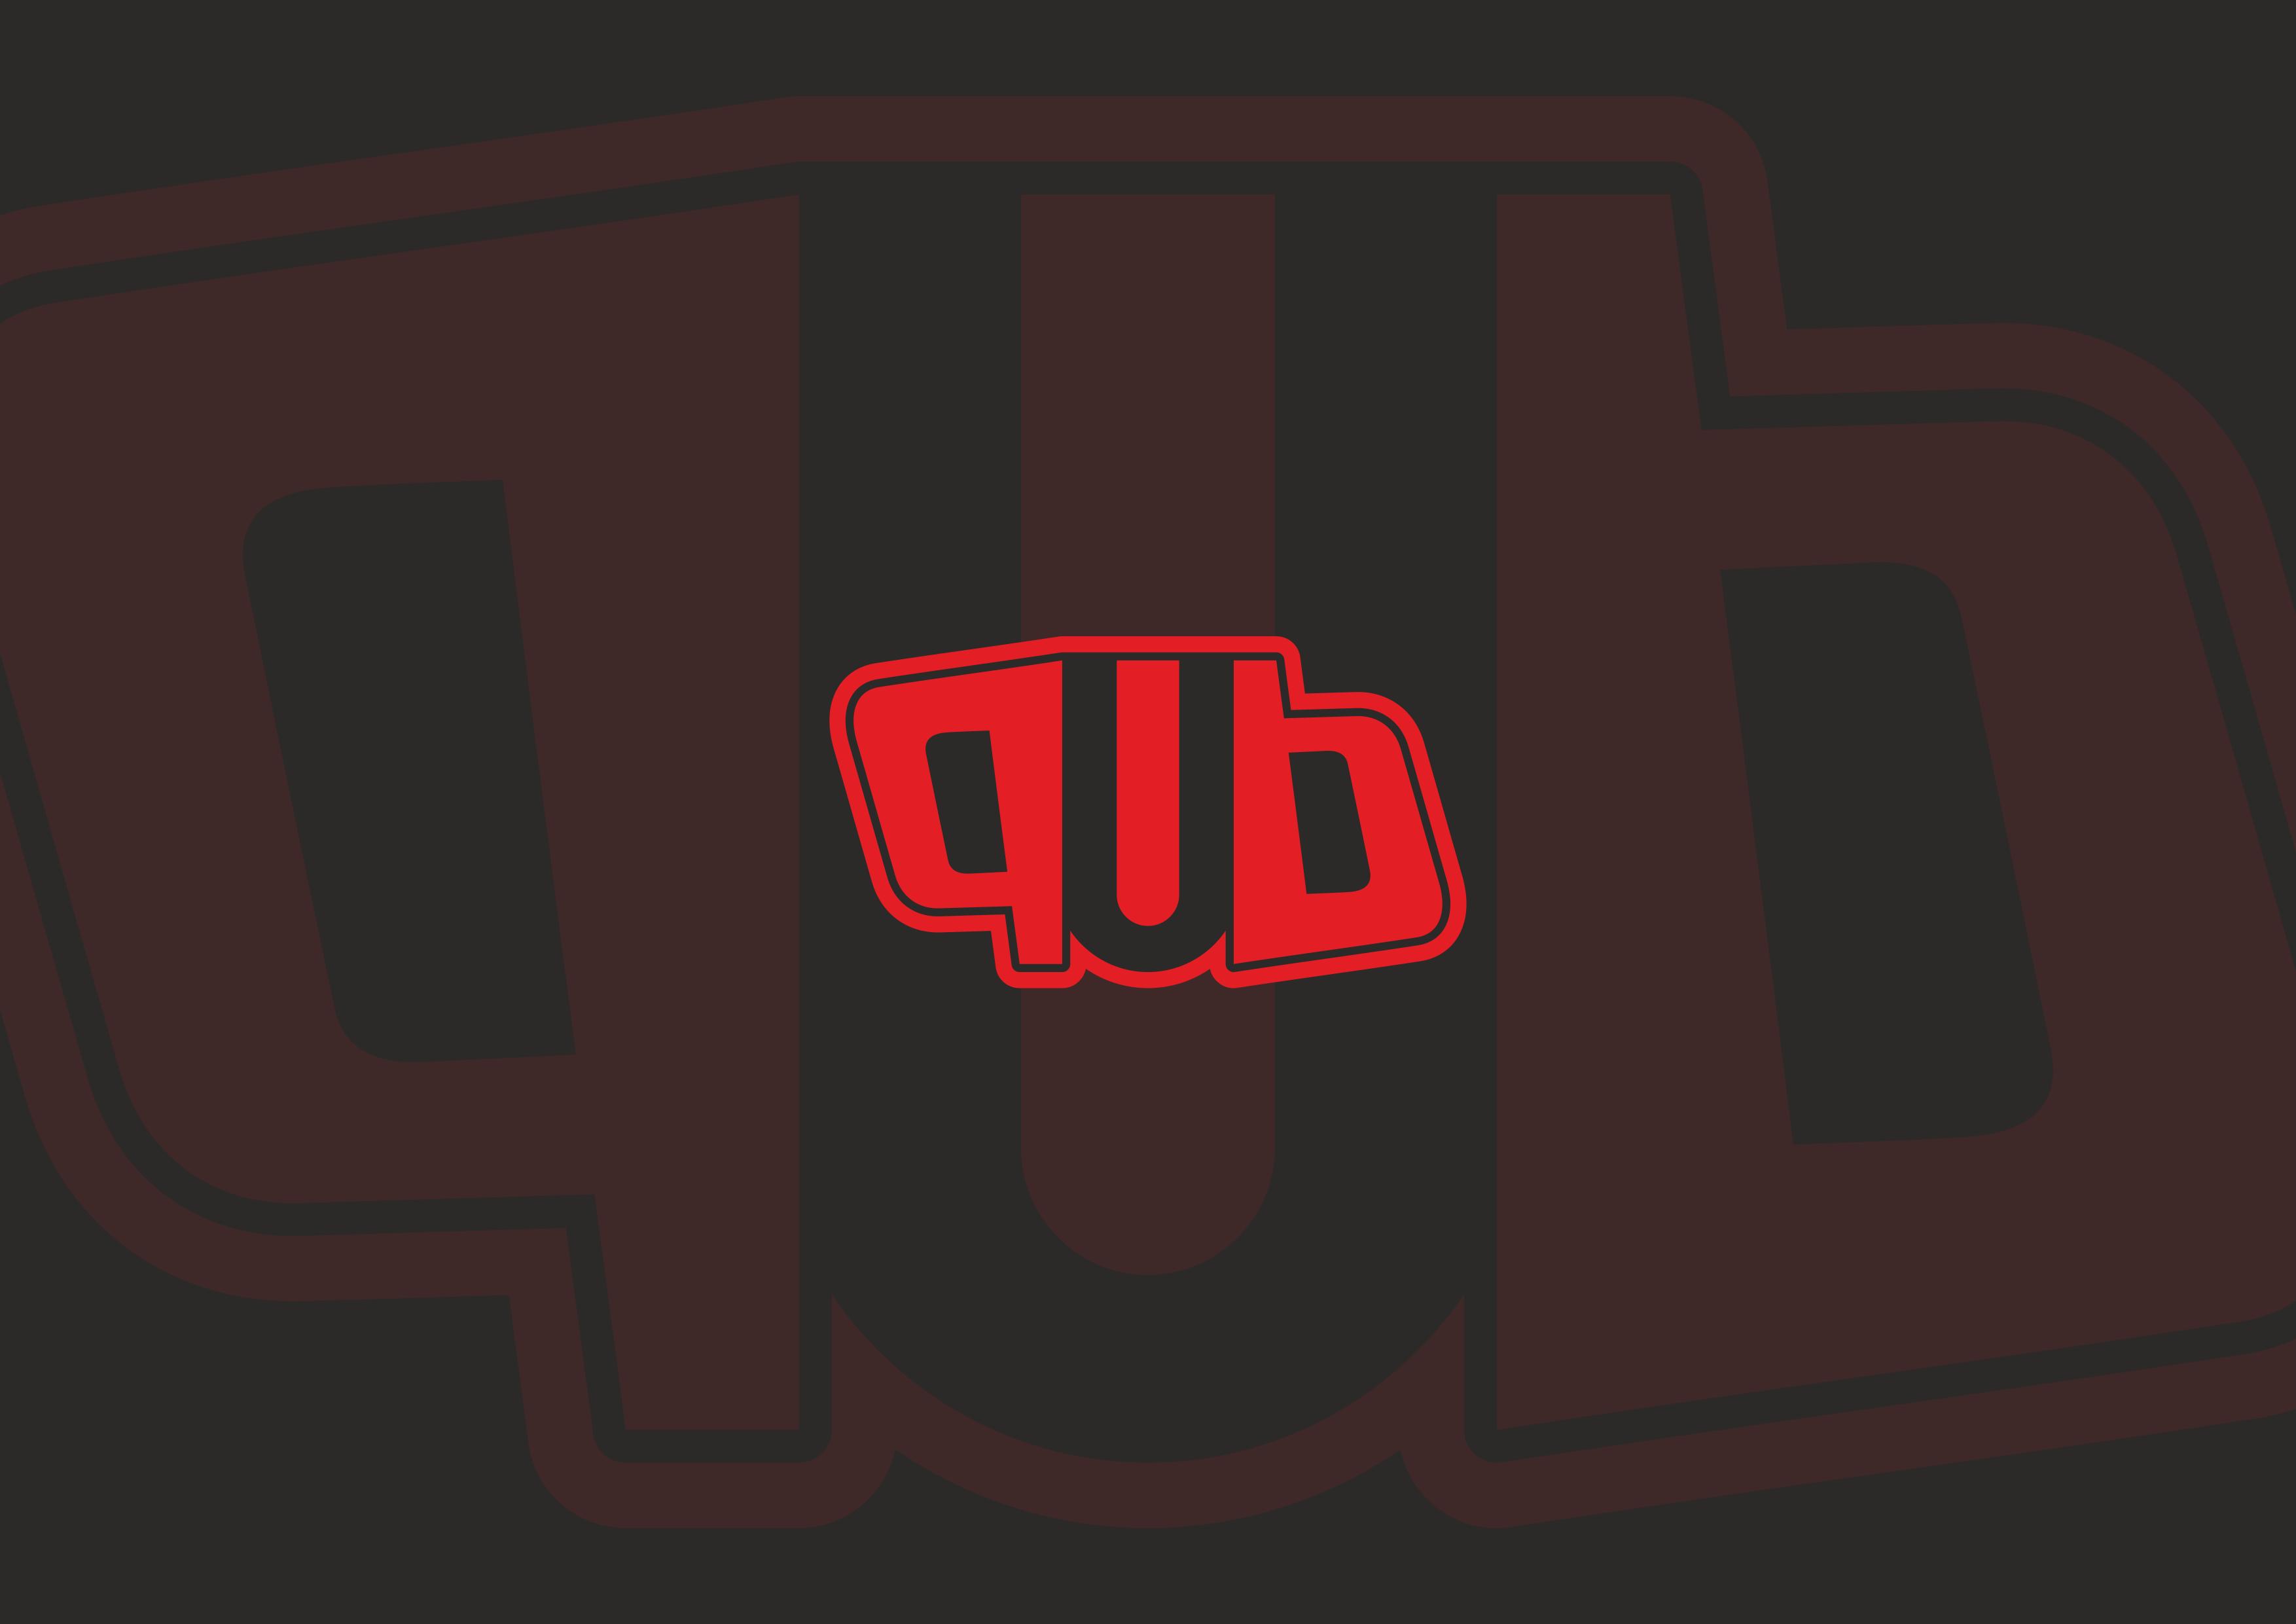 Разработка логотипа и фирменного стиля для ТМ фото f_8245f1cb24697a7d.png